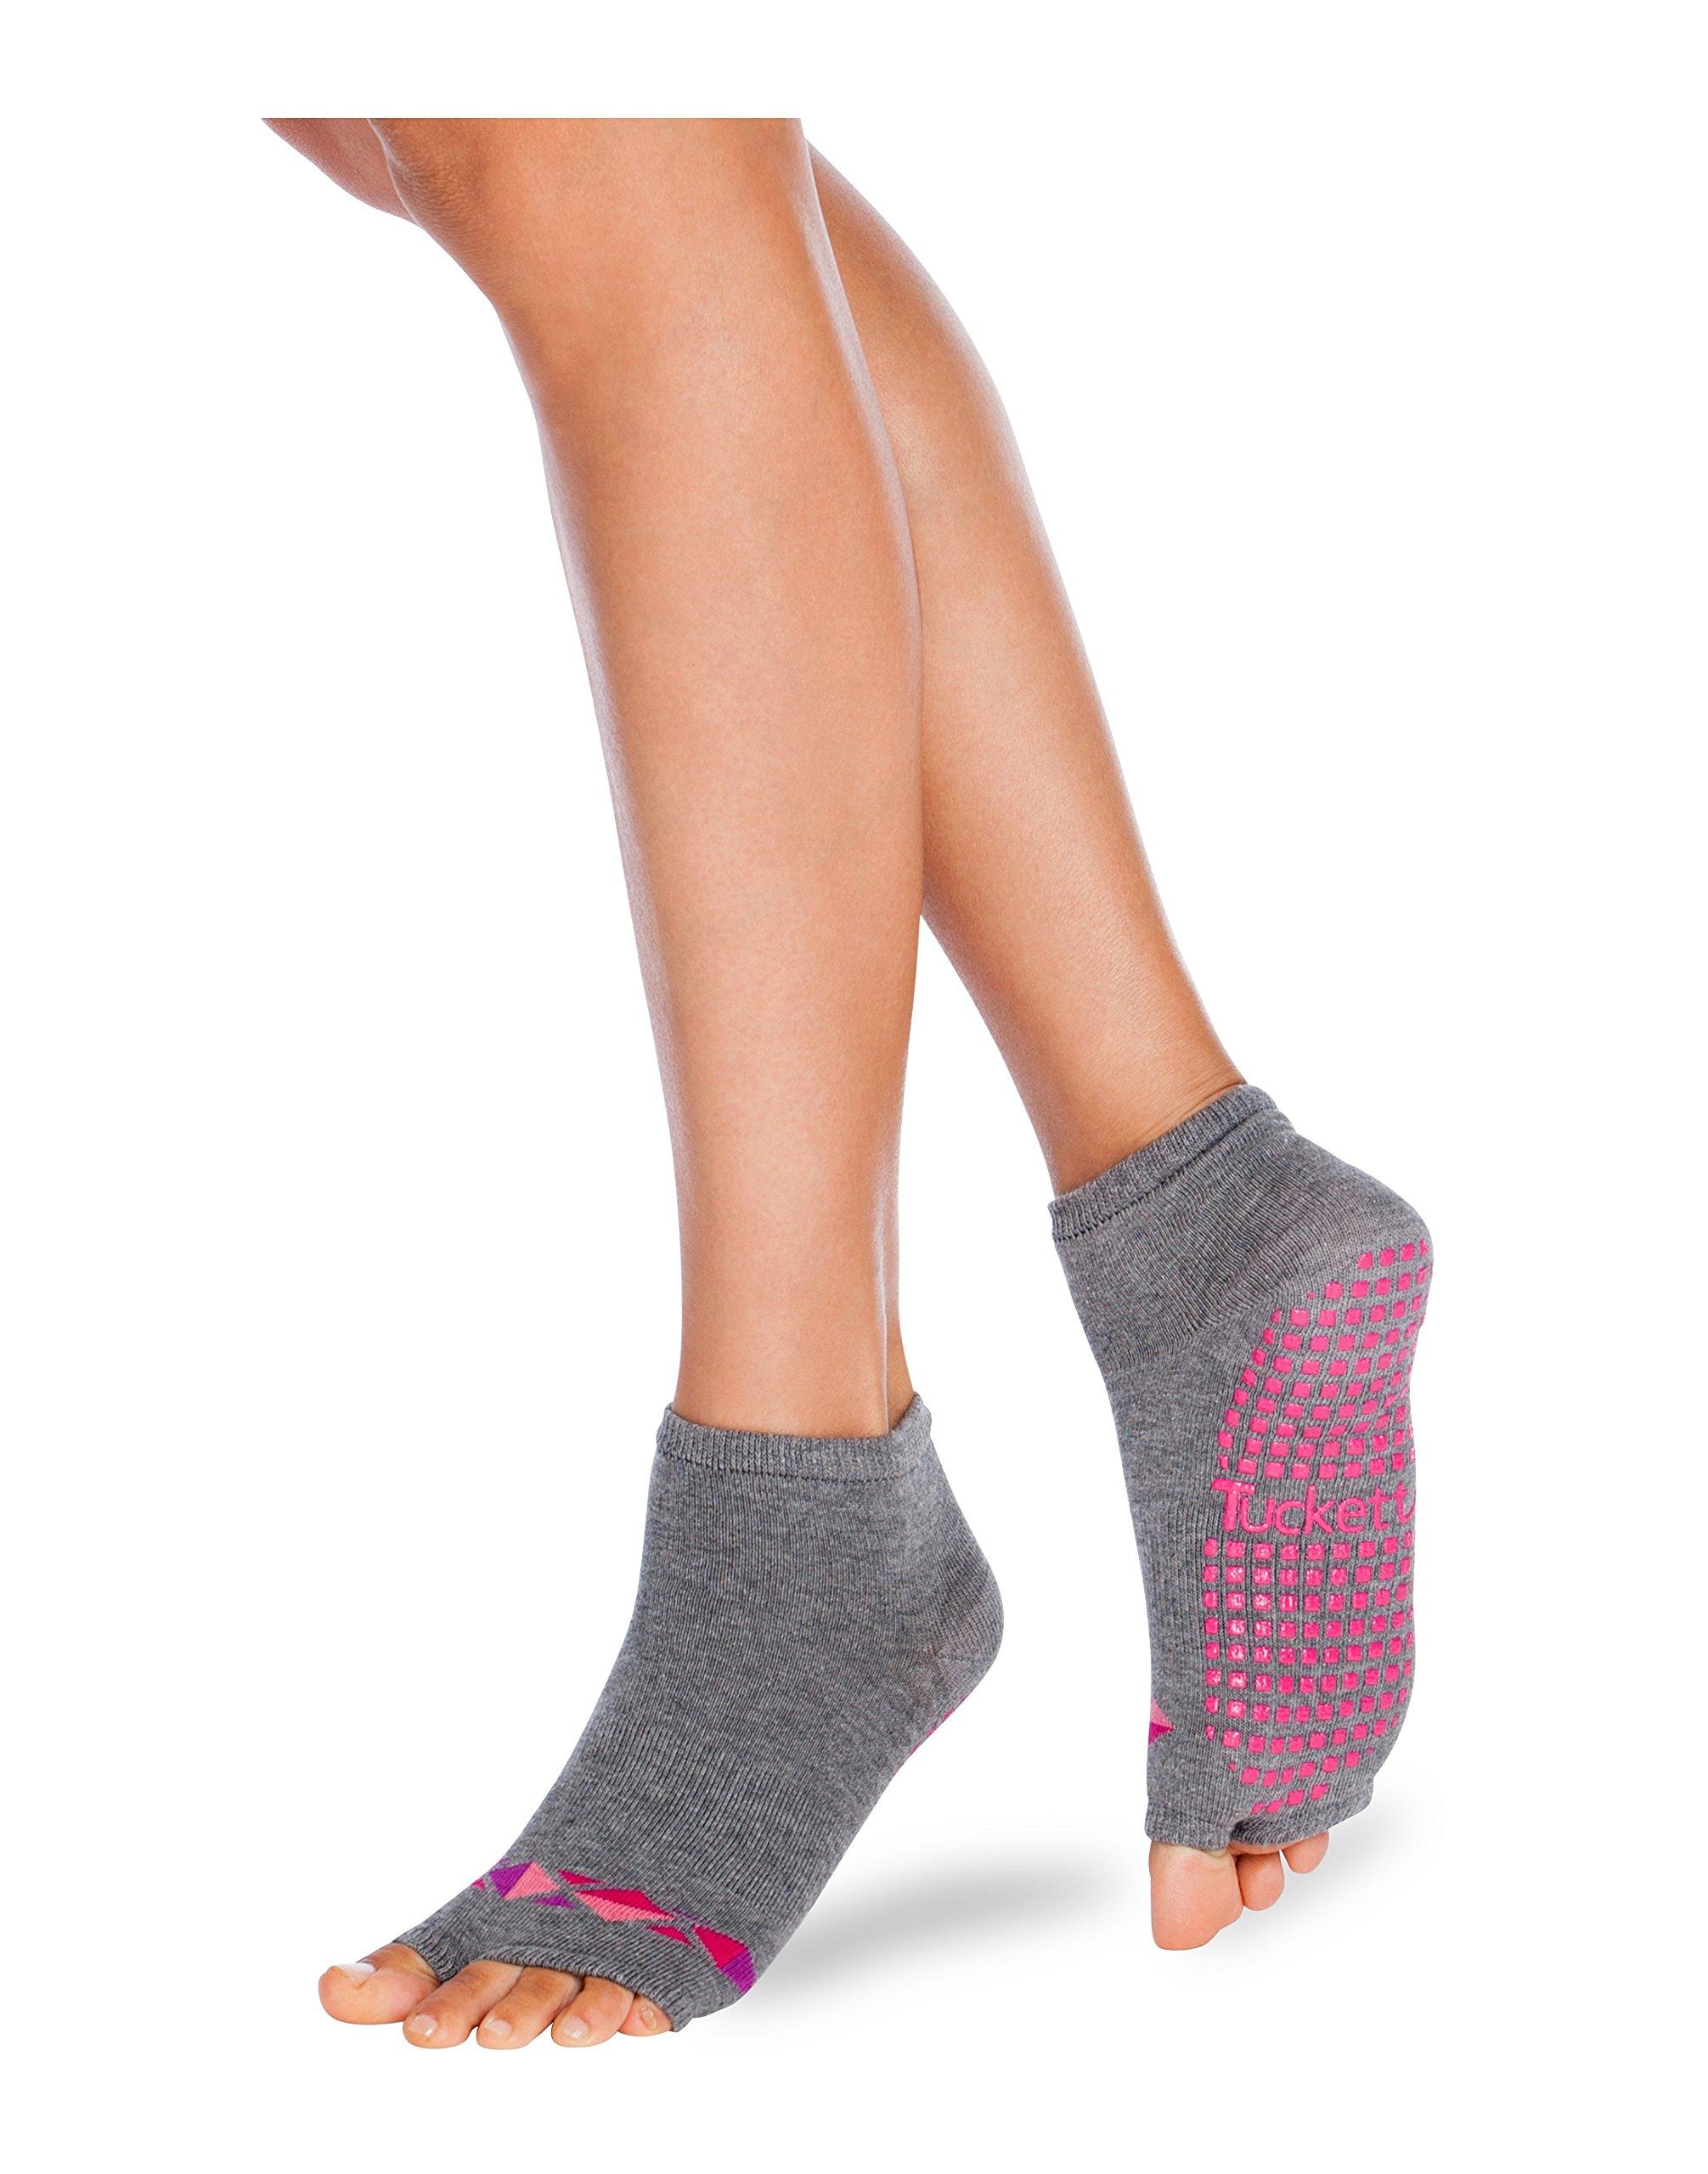 Tucketts Womens Yoga Socks, Toeless Non Slip Skid Grippy Low Cut Socks for Yoga, Pilates, Barre, Studio, Bikram, Ballet, Dance - Anklet Style (Moli Grey/Pink)